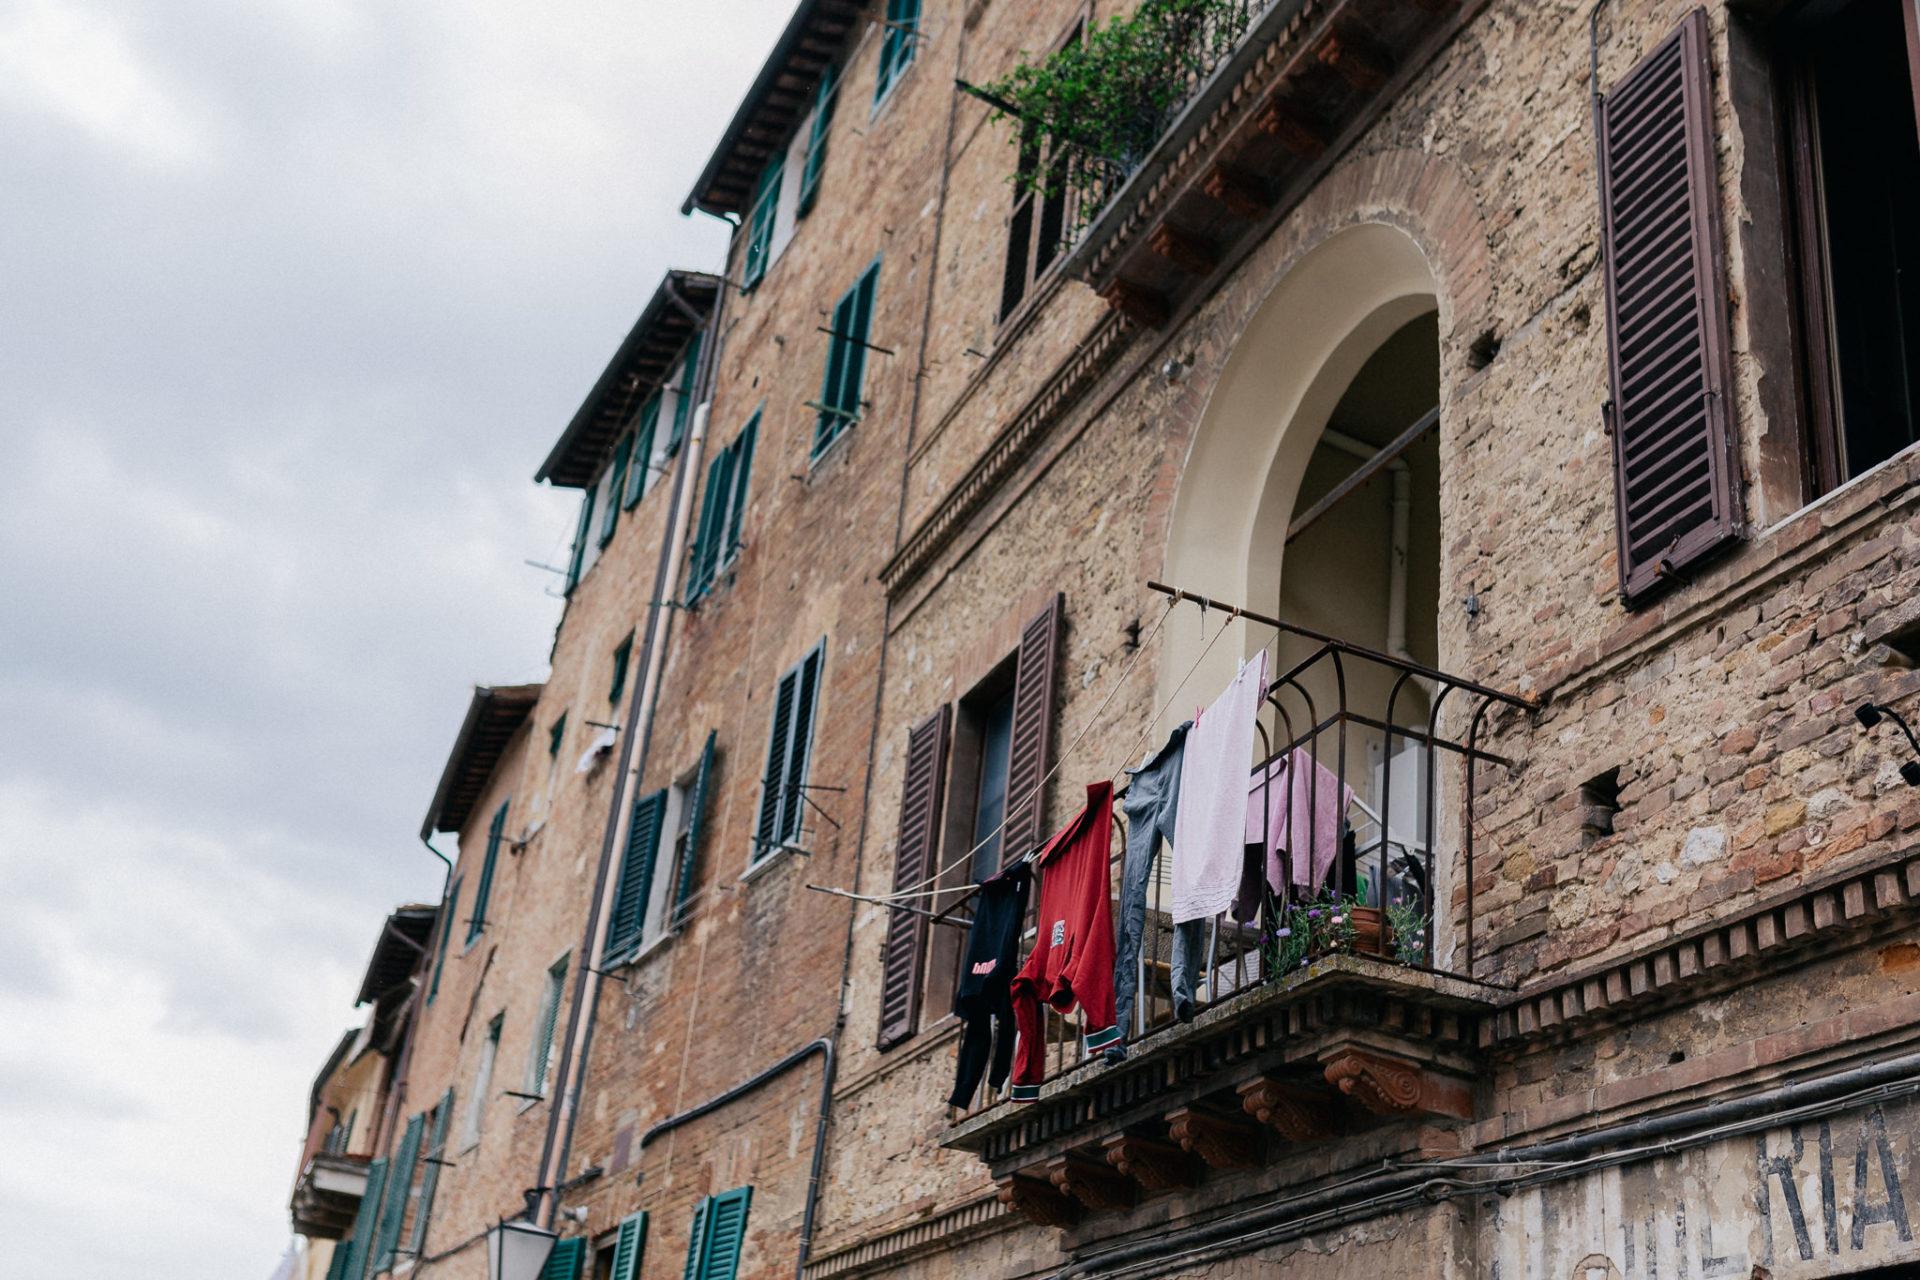 europa roadtrip mit hund-toskana entdecken-abseits der Touristen in Italien-hochzeitsfotograf Toskana-siena